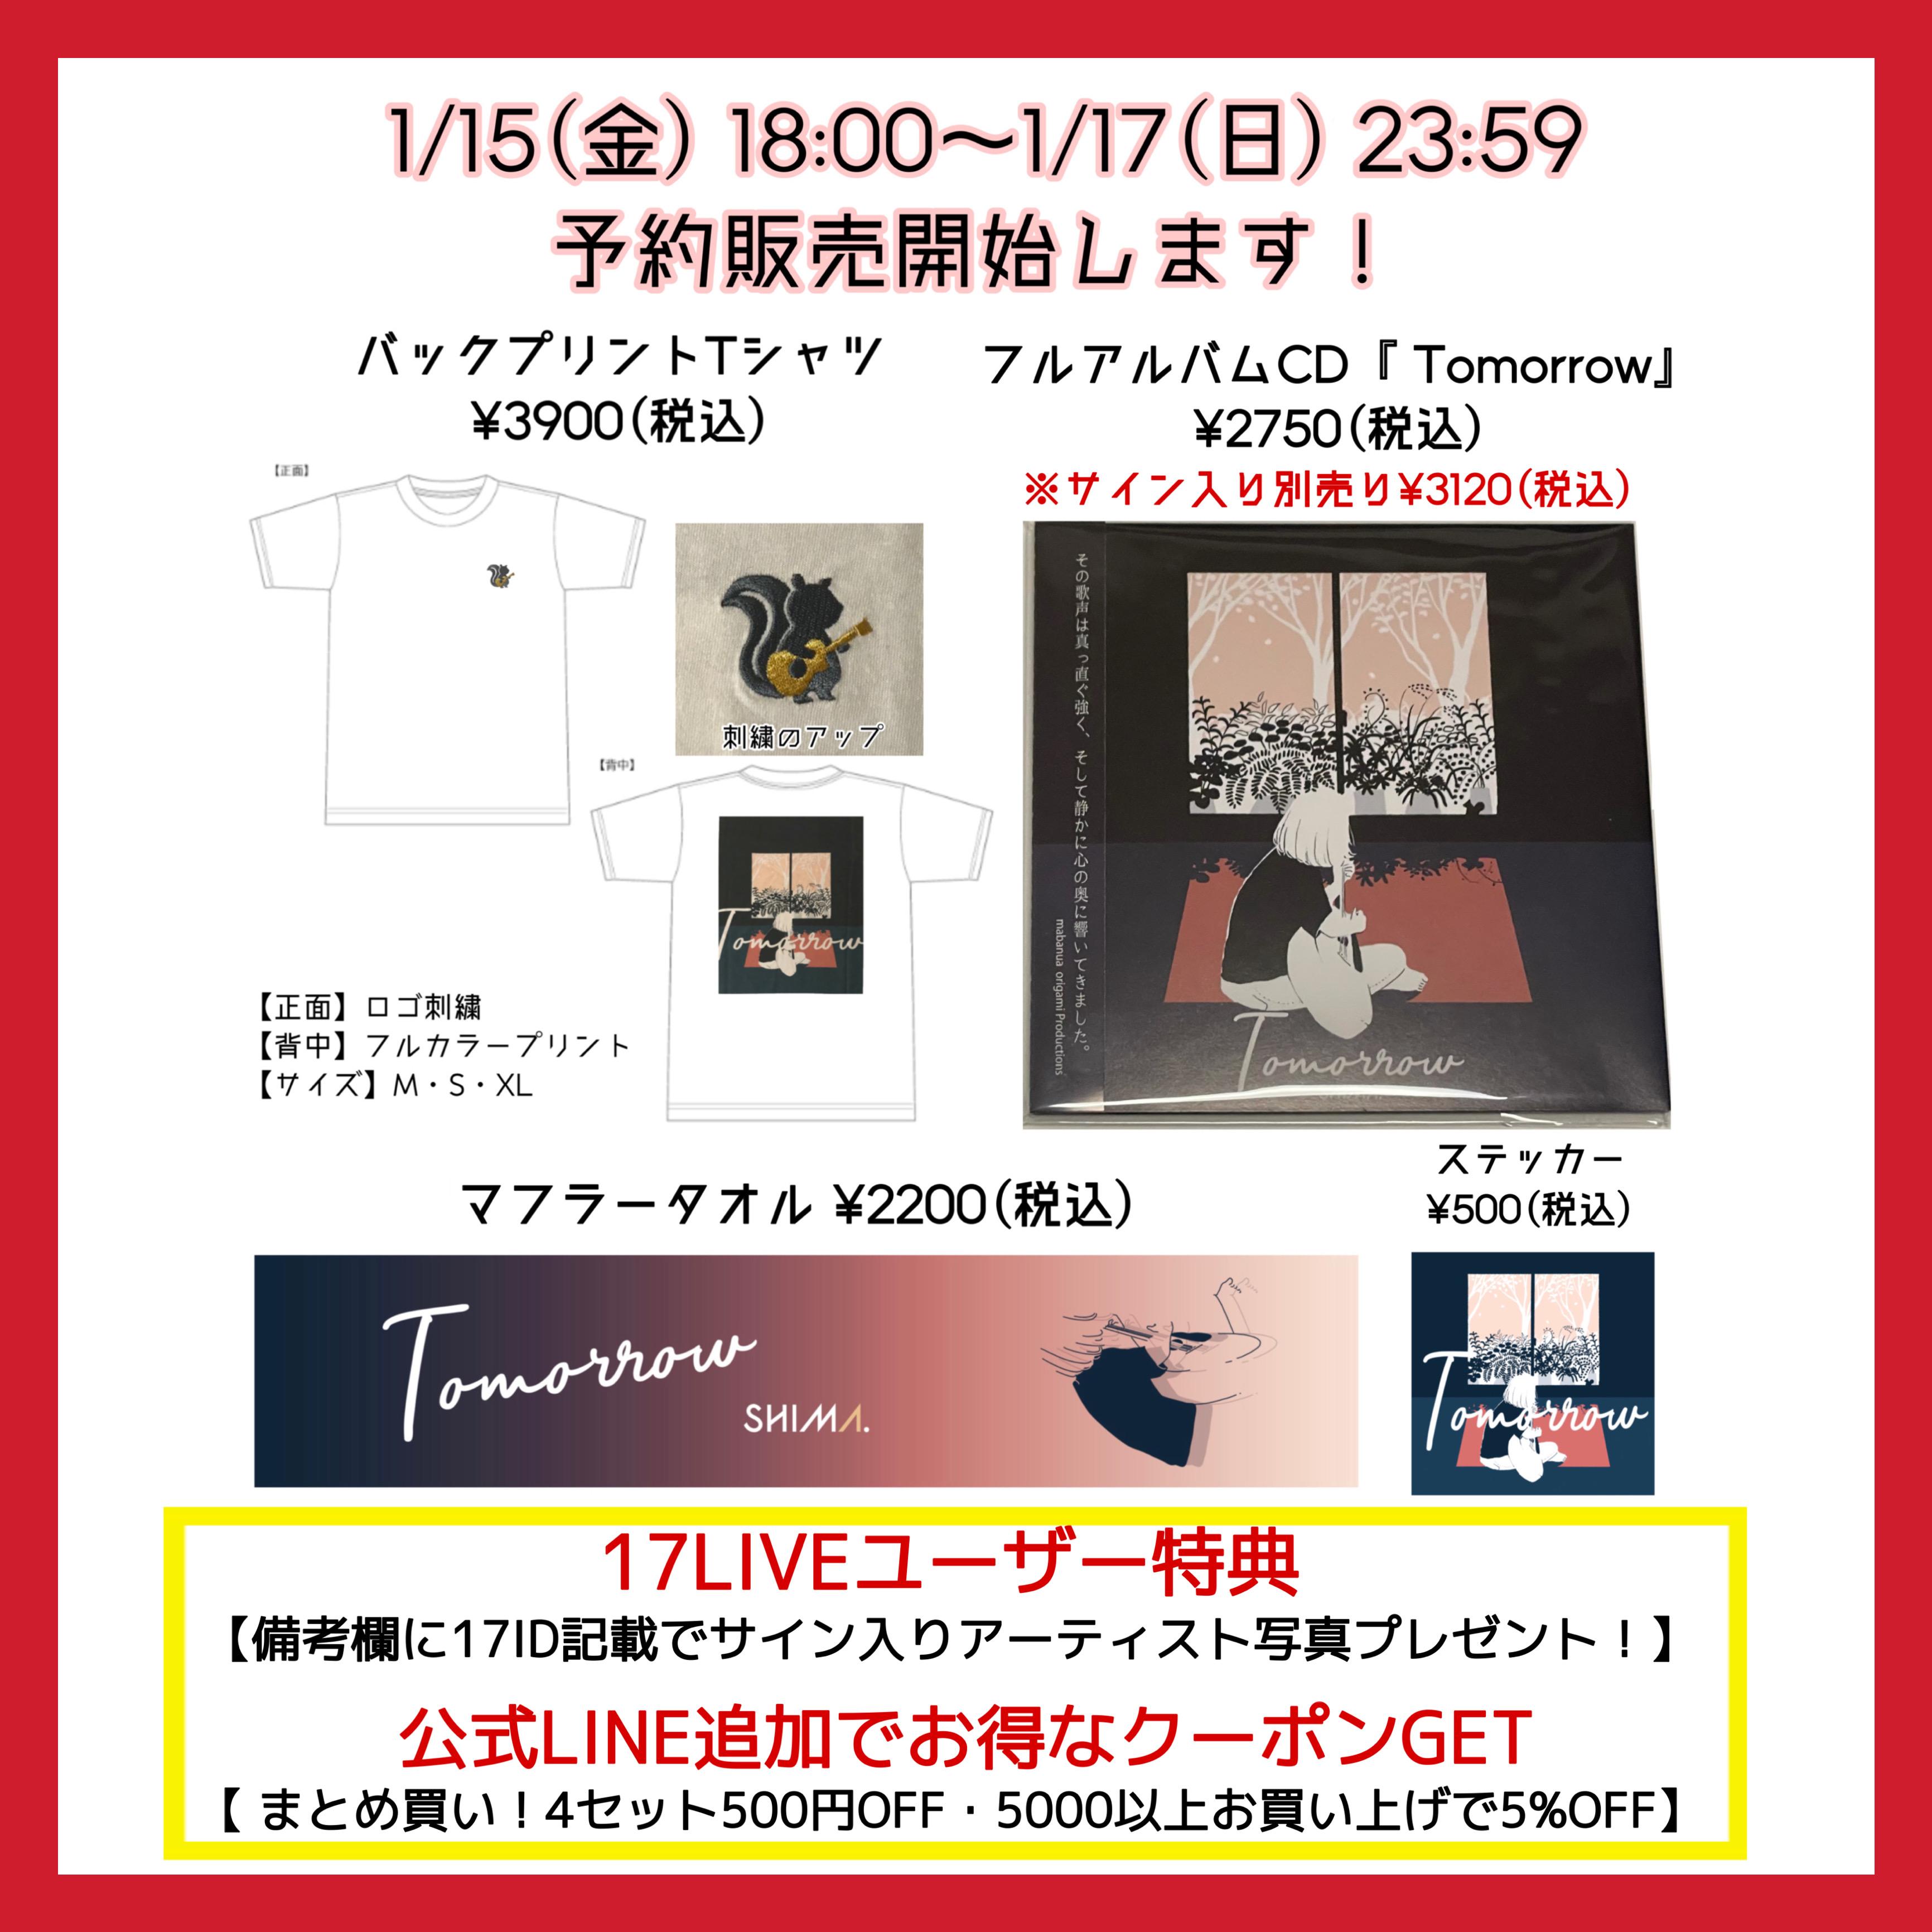 15日(金)18:00〜CD&グッズ予約販売開始!